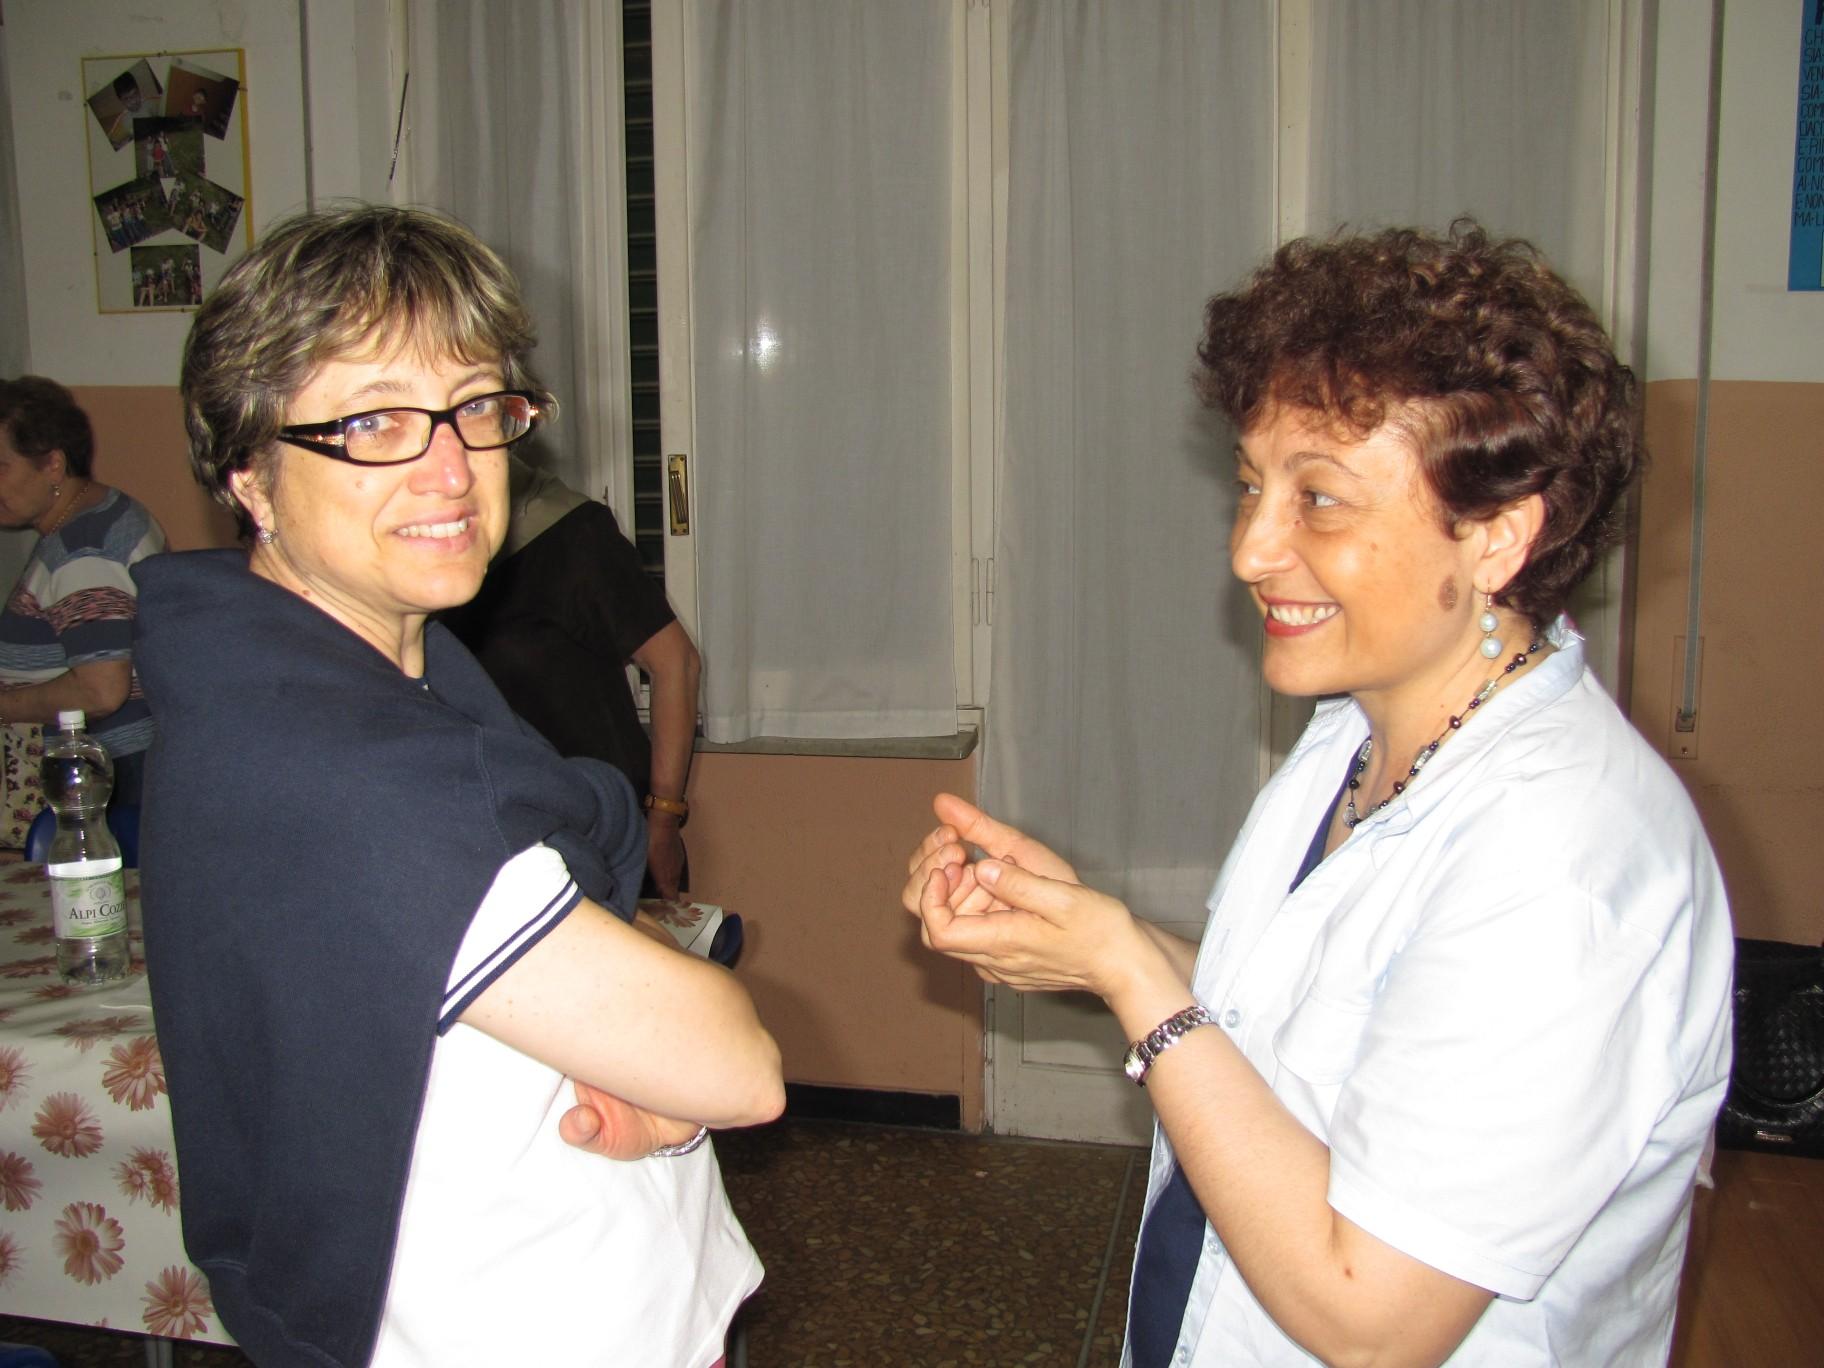 serata_catechiste_coro-2011-06-01-20-15-46